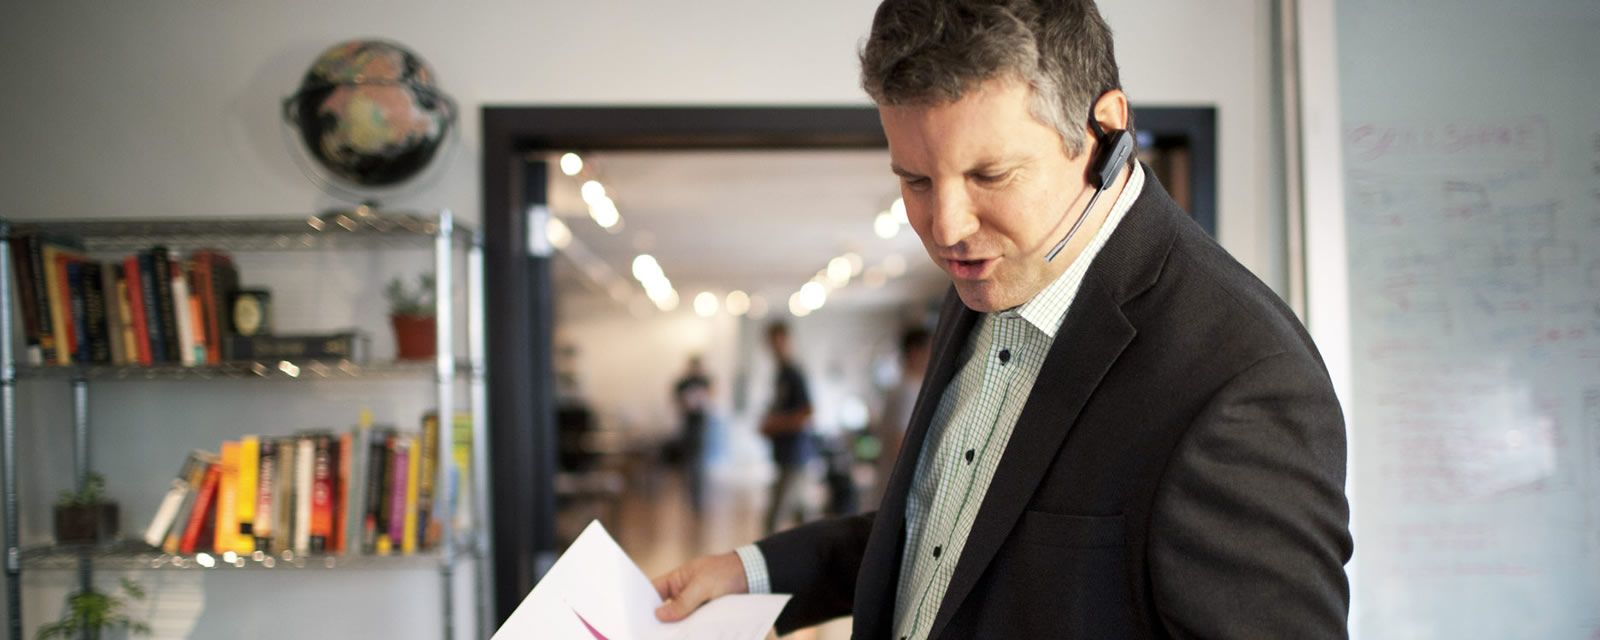 Alcatel-Lucent Enterprise tiene nuevos líderes de Marketing y Comunicaciones